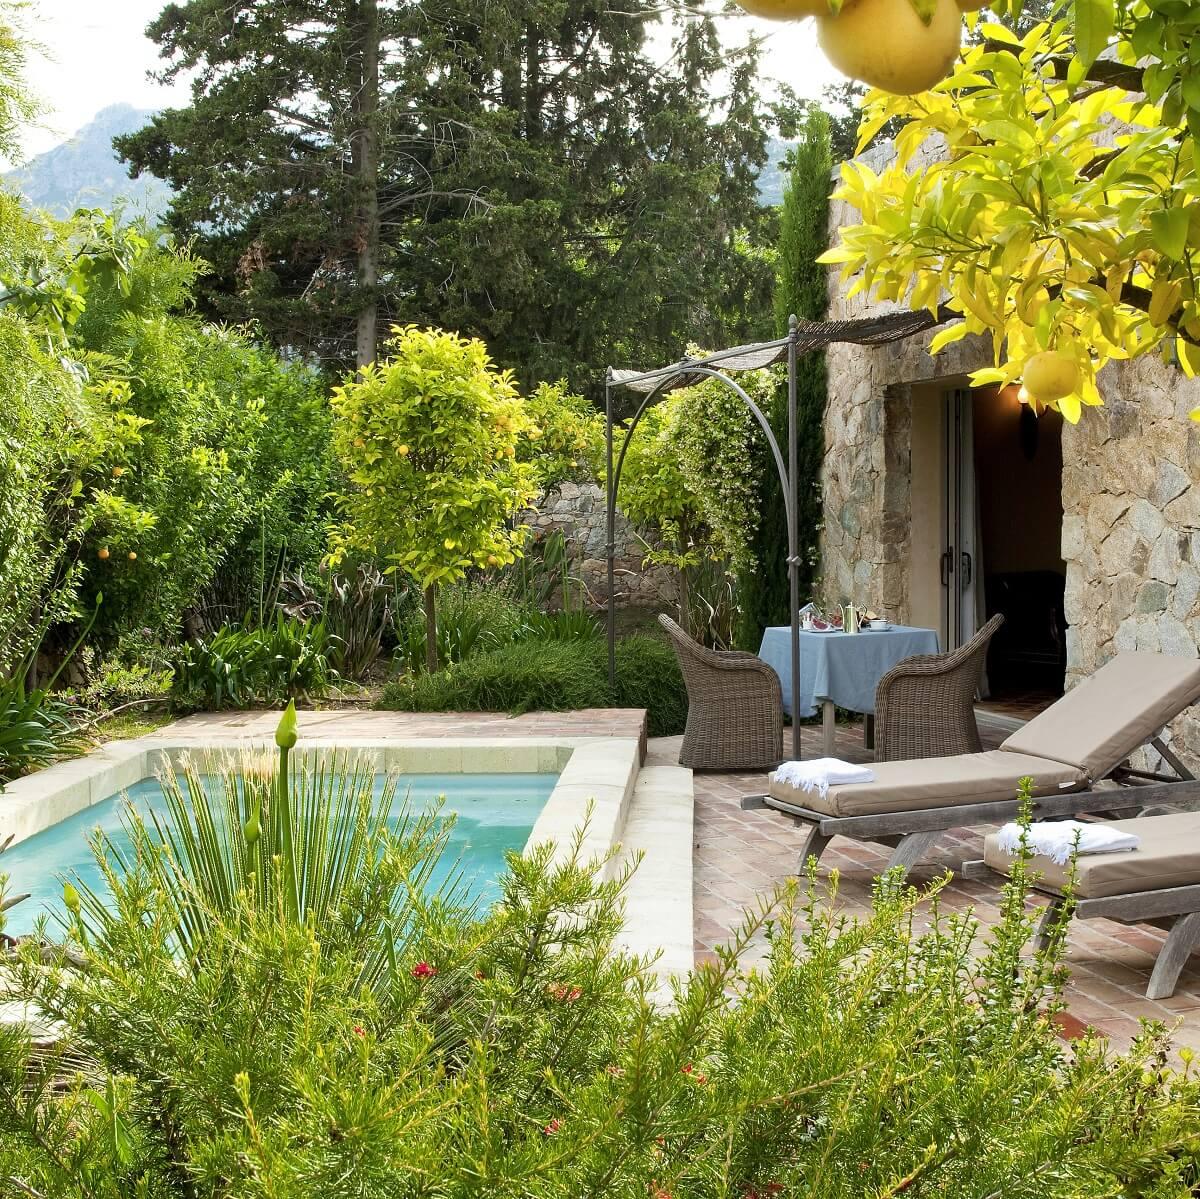 Piscine privée - Hôtel La Signoria - Calvi - Corse du sud